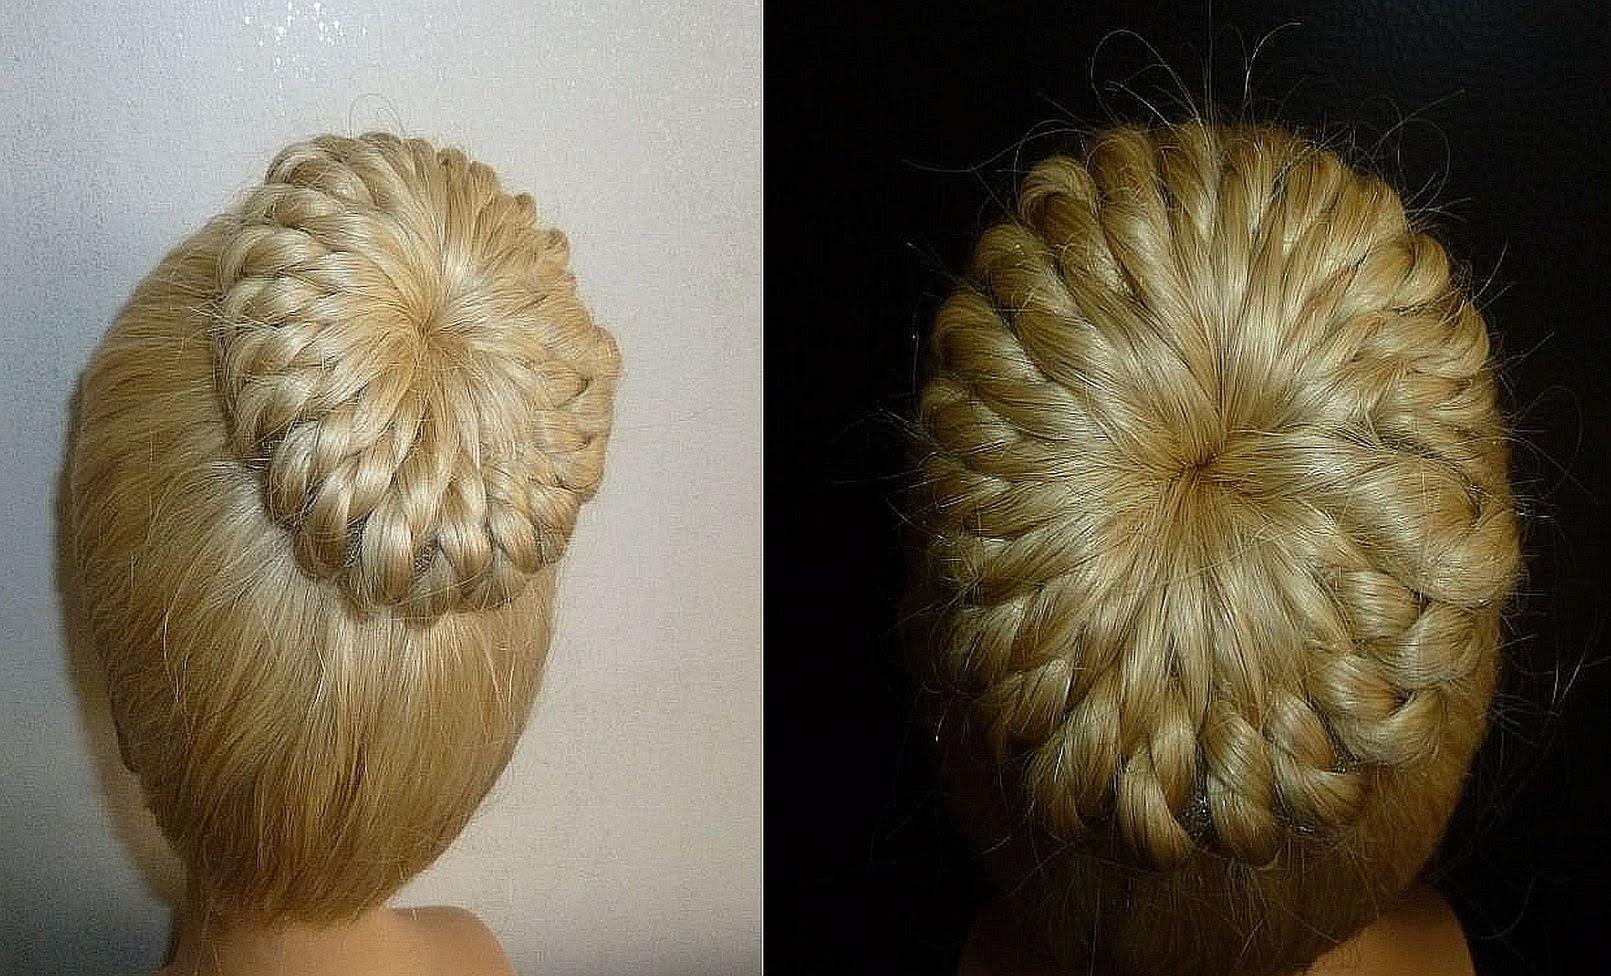 Einfache Frisur Flechtfrisur Zopffrisur Mit Duttkissen Dutt Donut Hair B Trenzas Peinados Recogidos